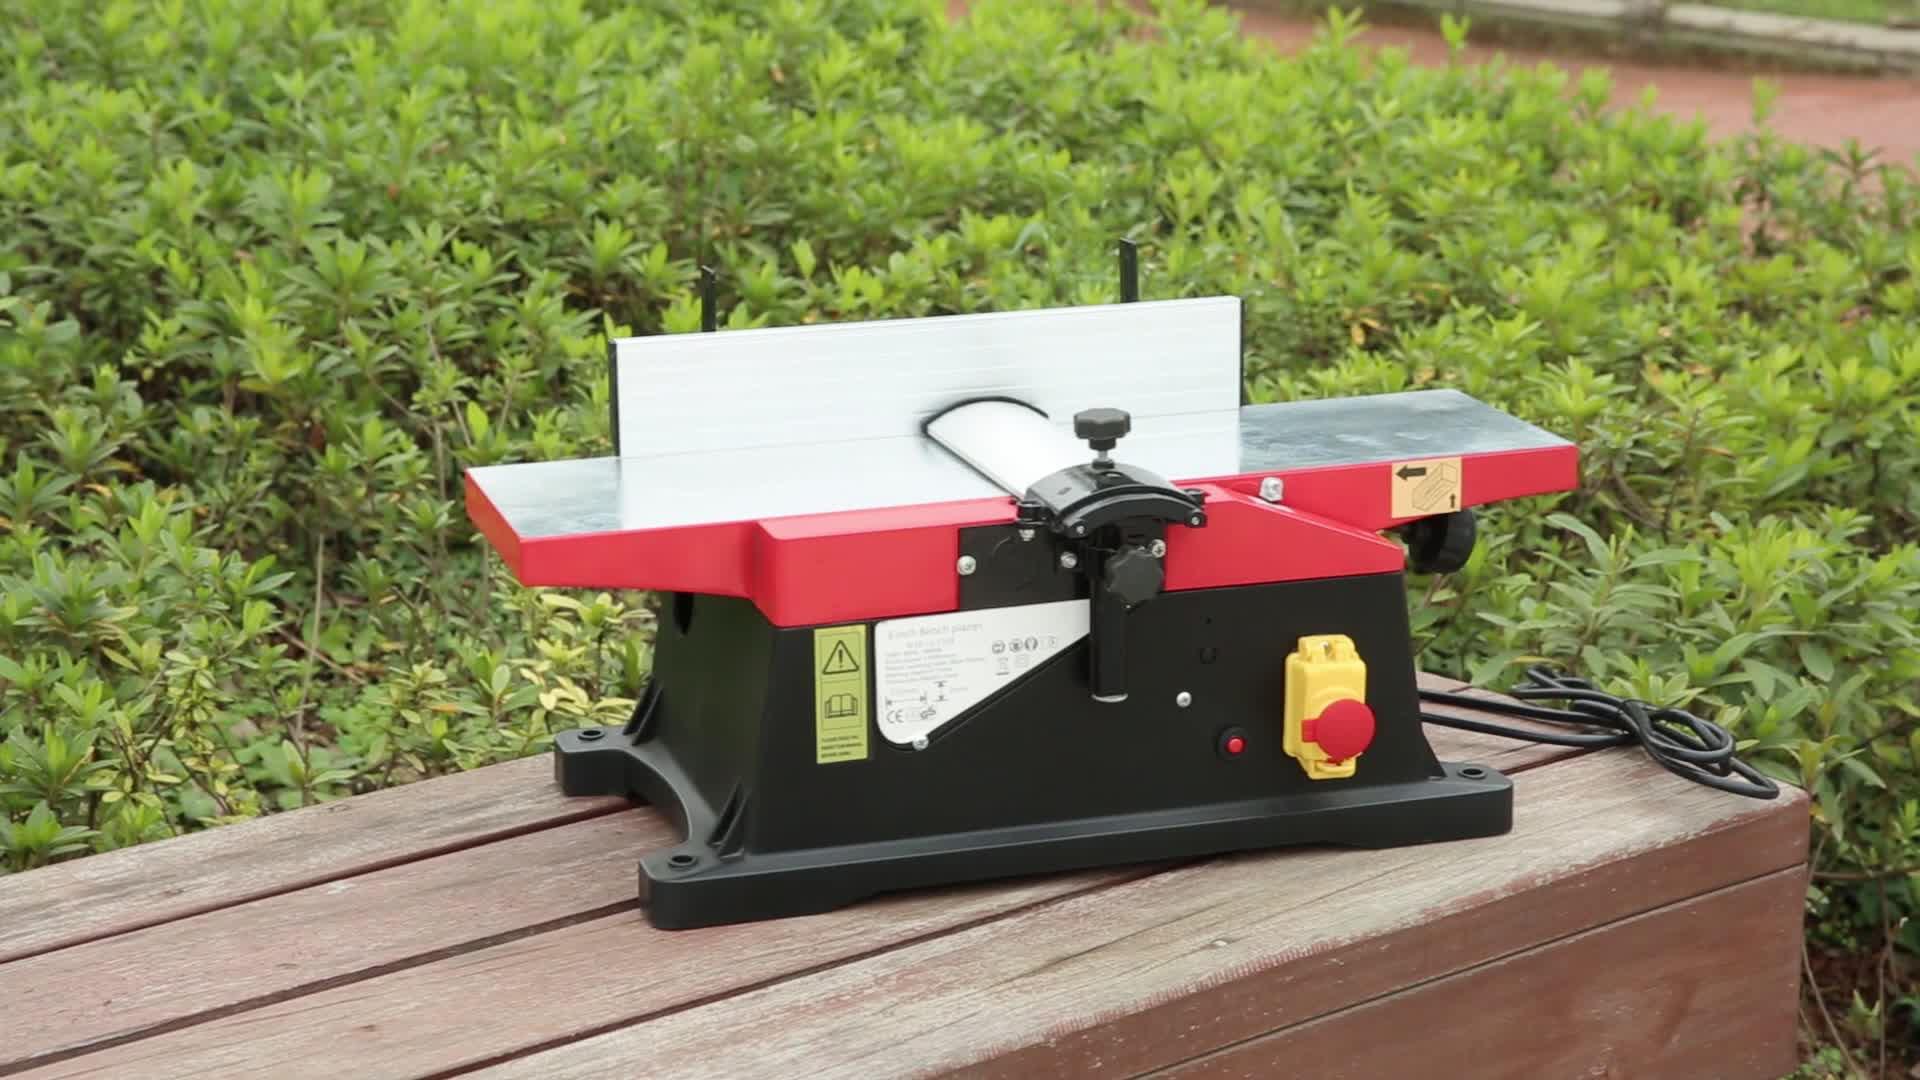 Hot 155mm largura aplainamento plaina de bancada de madeira mesa de madeira barata